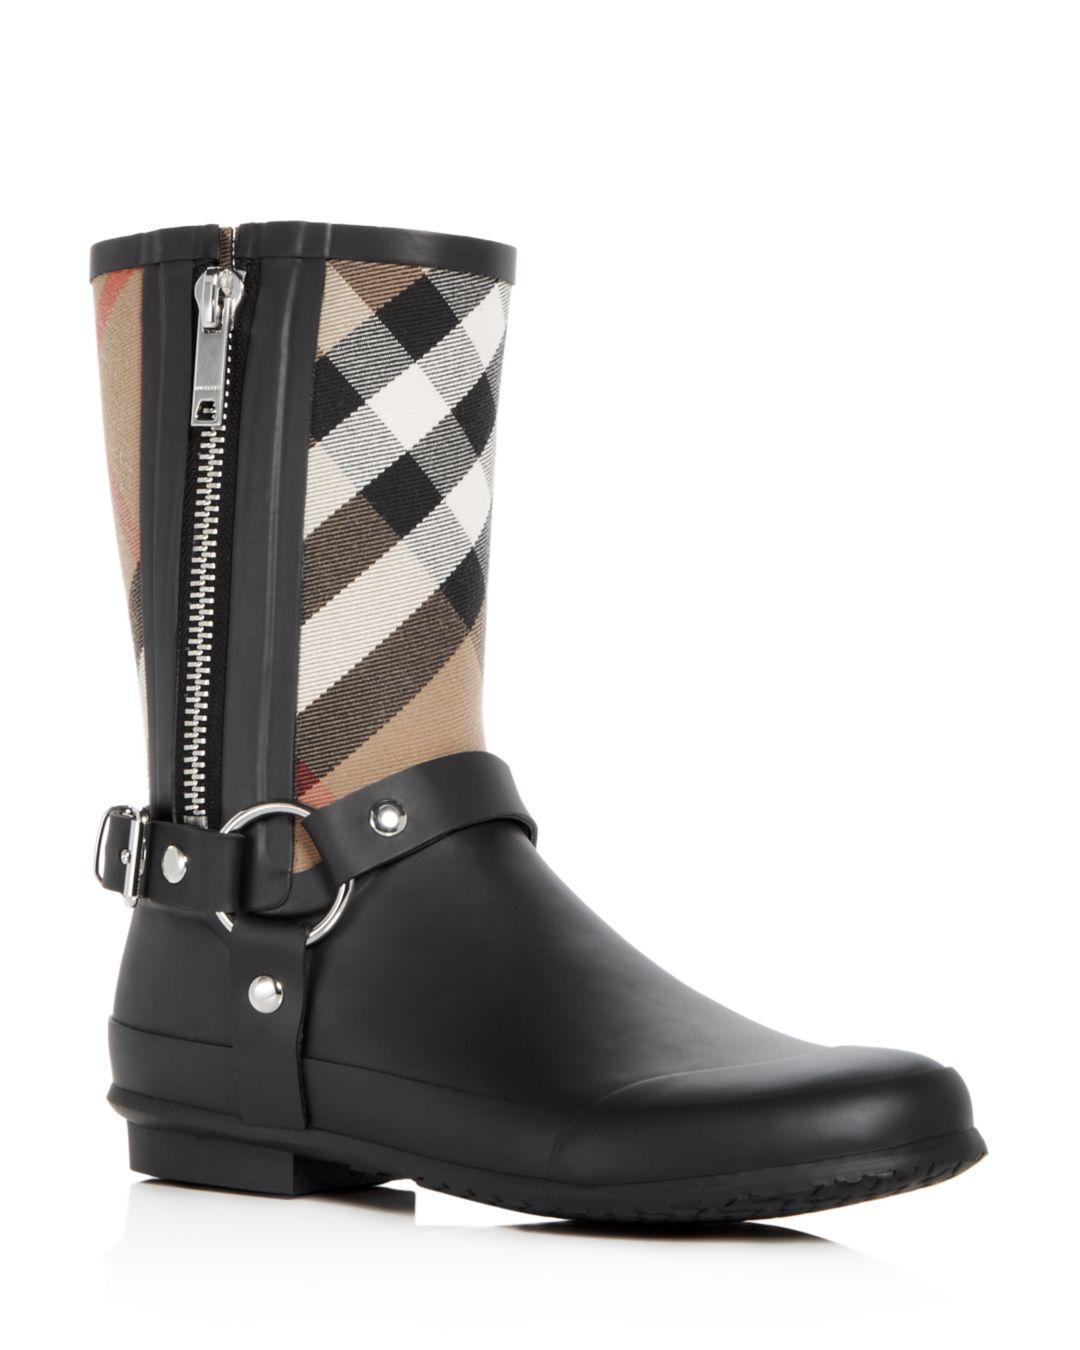 fdcc01943e8c Lyst - Burberry Women s Zane Signature Check Rain Boots in Black